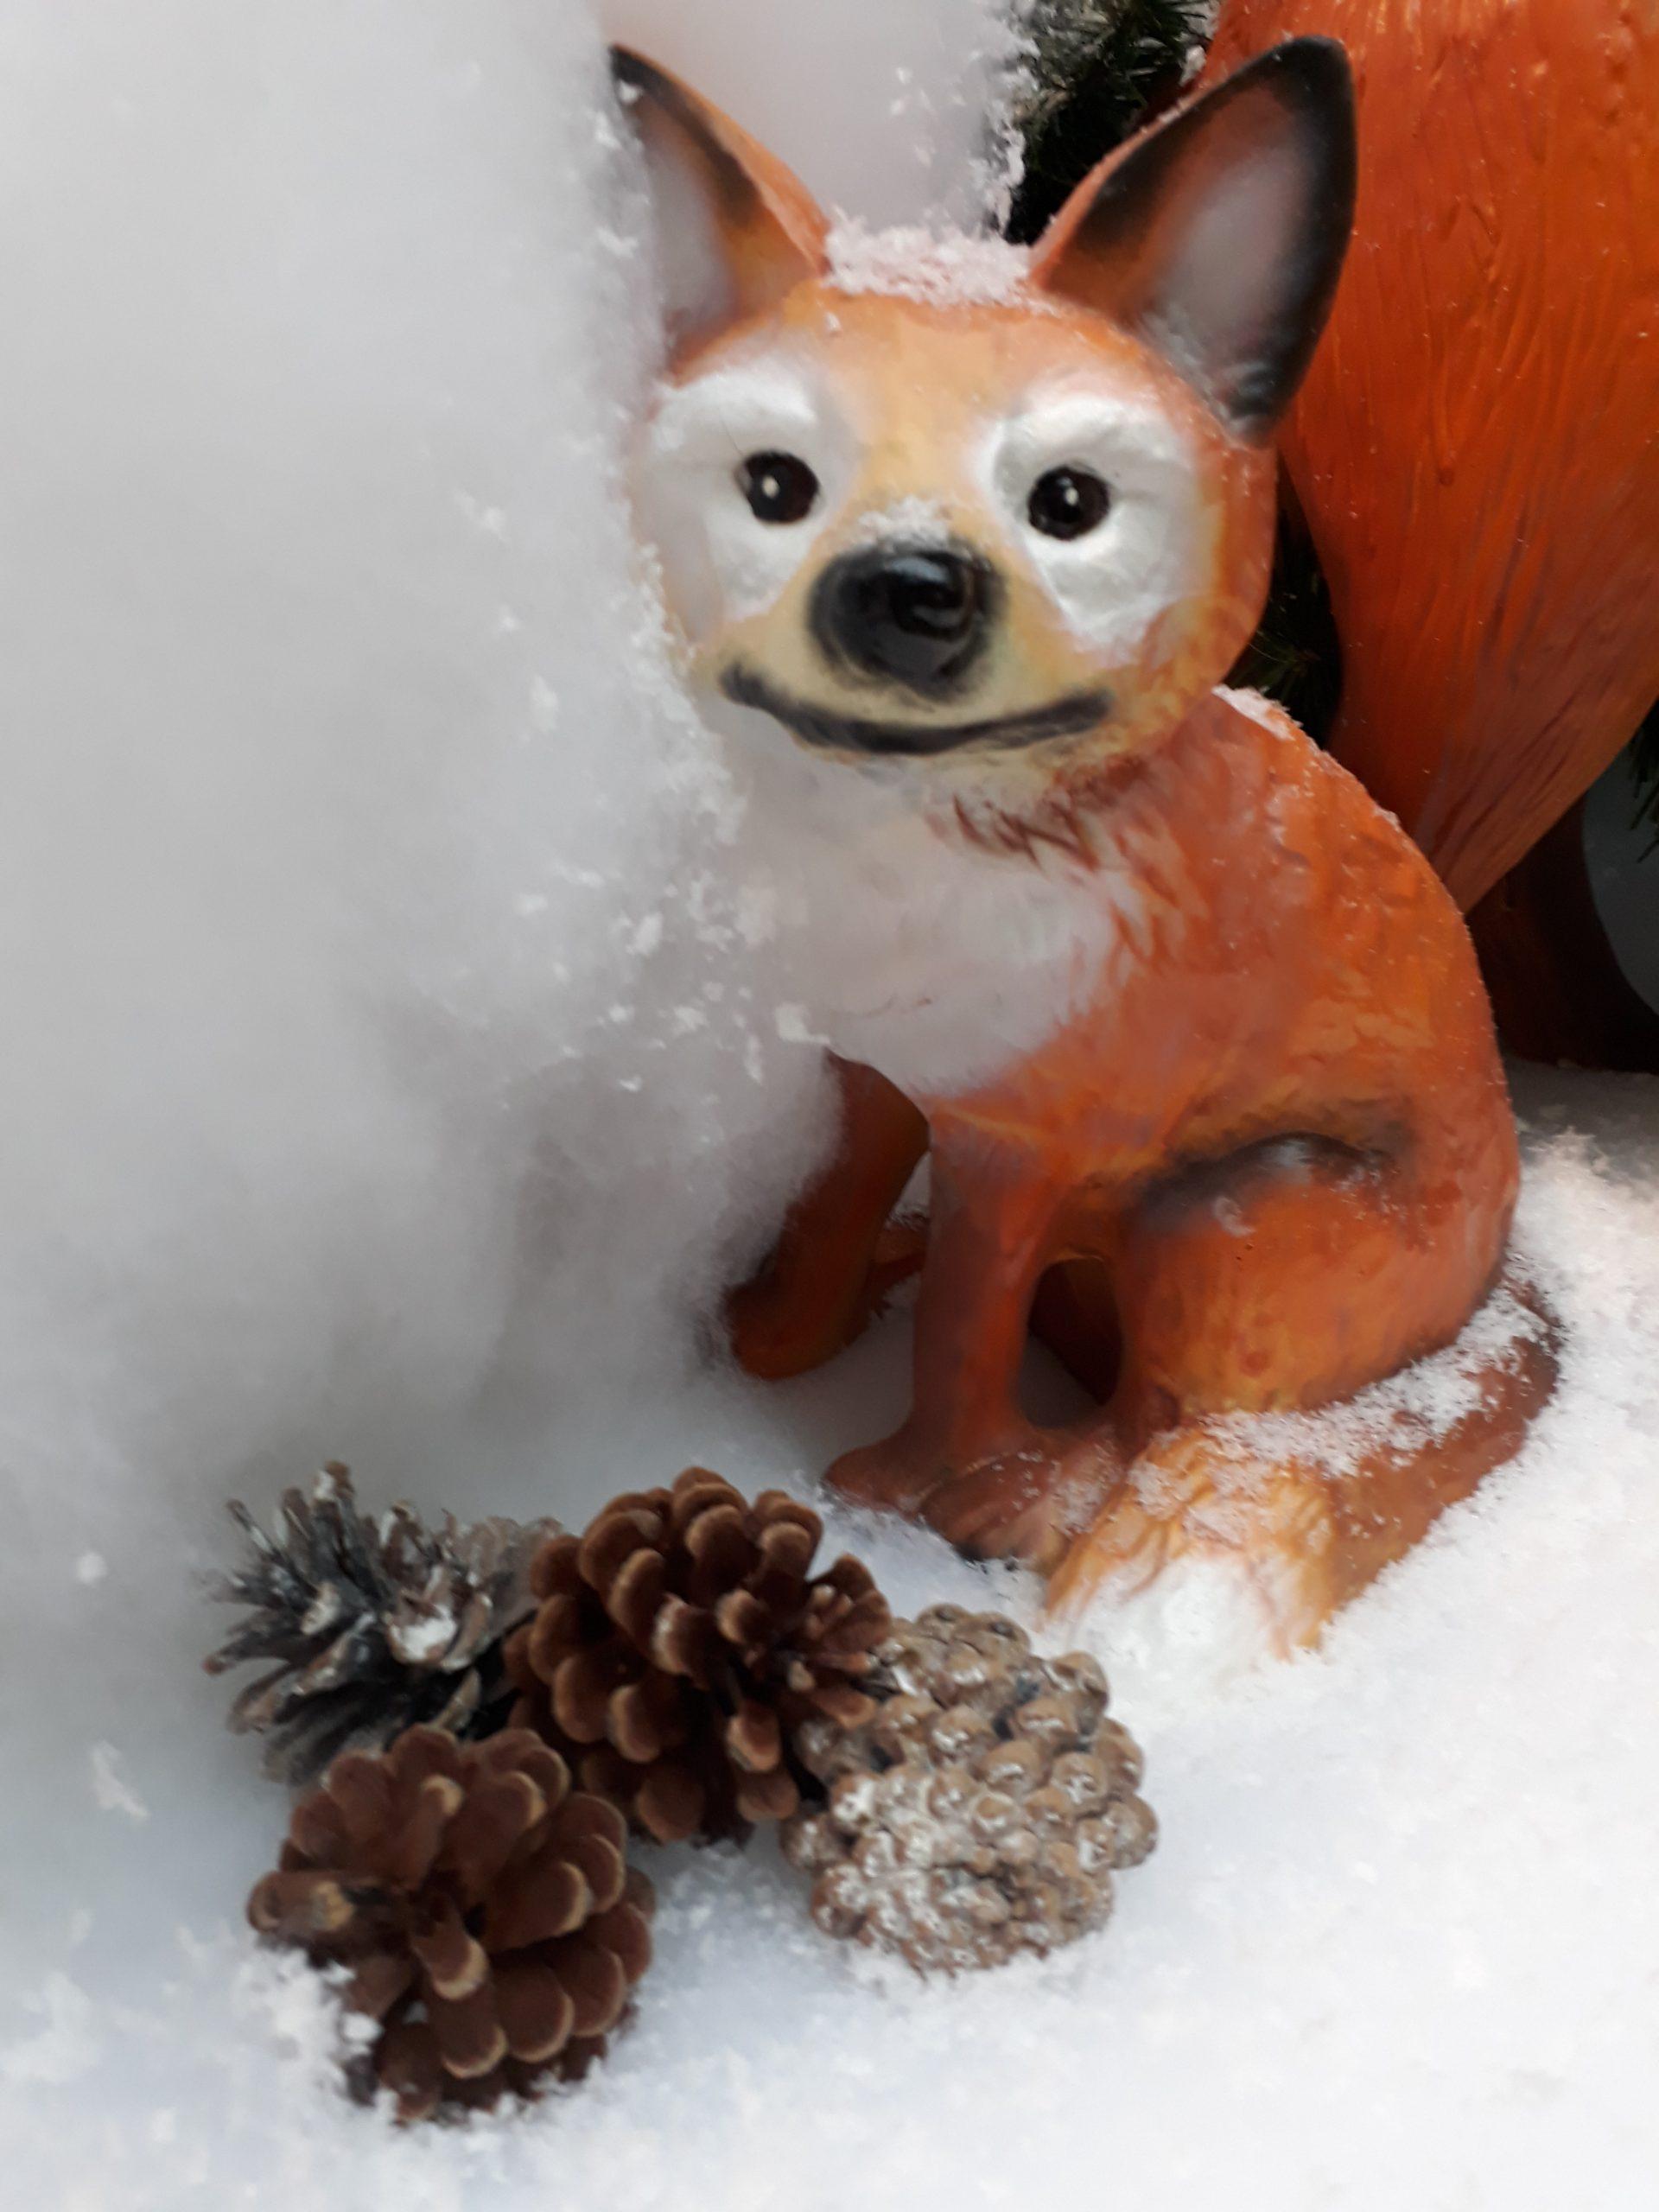 kleiner Fuchs und Tannenzapfen im Schnee